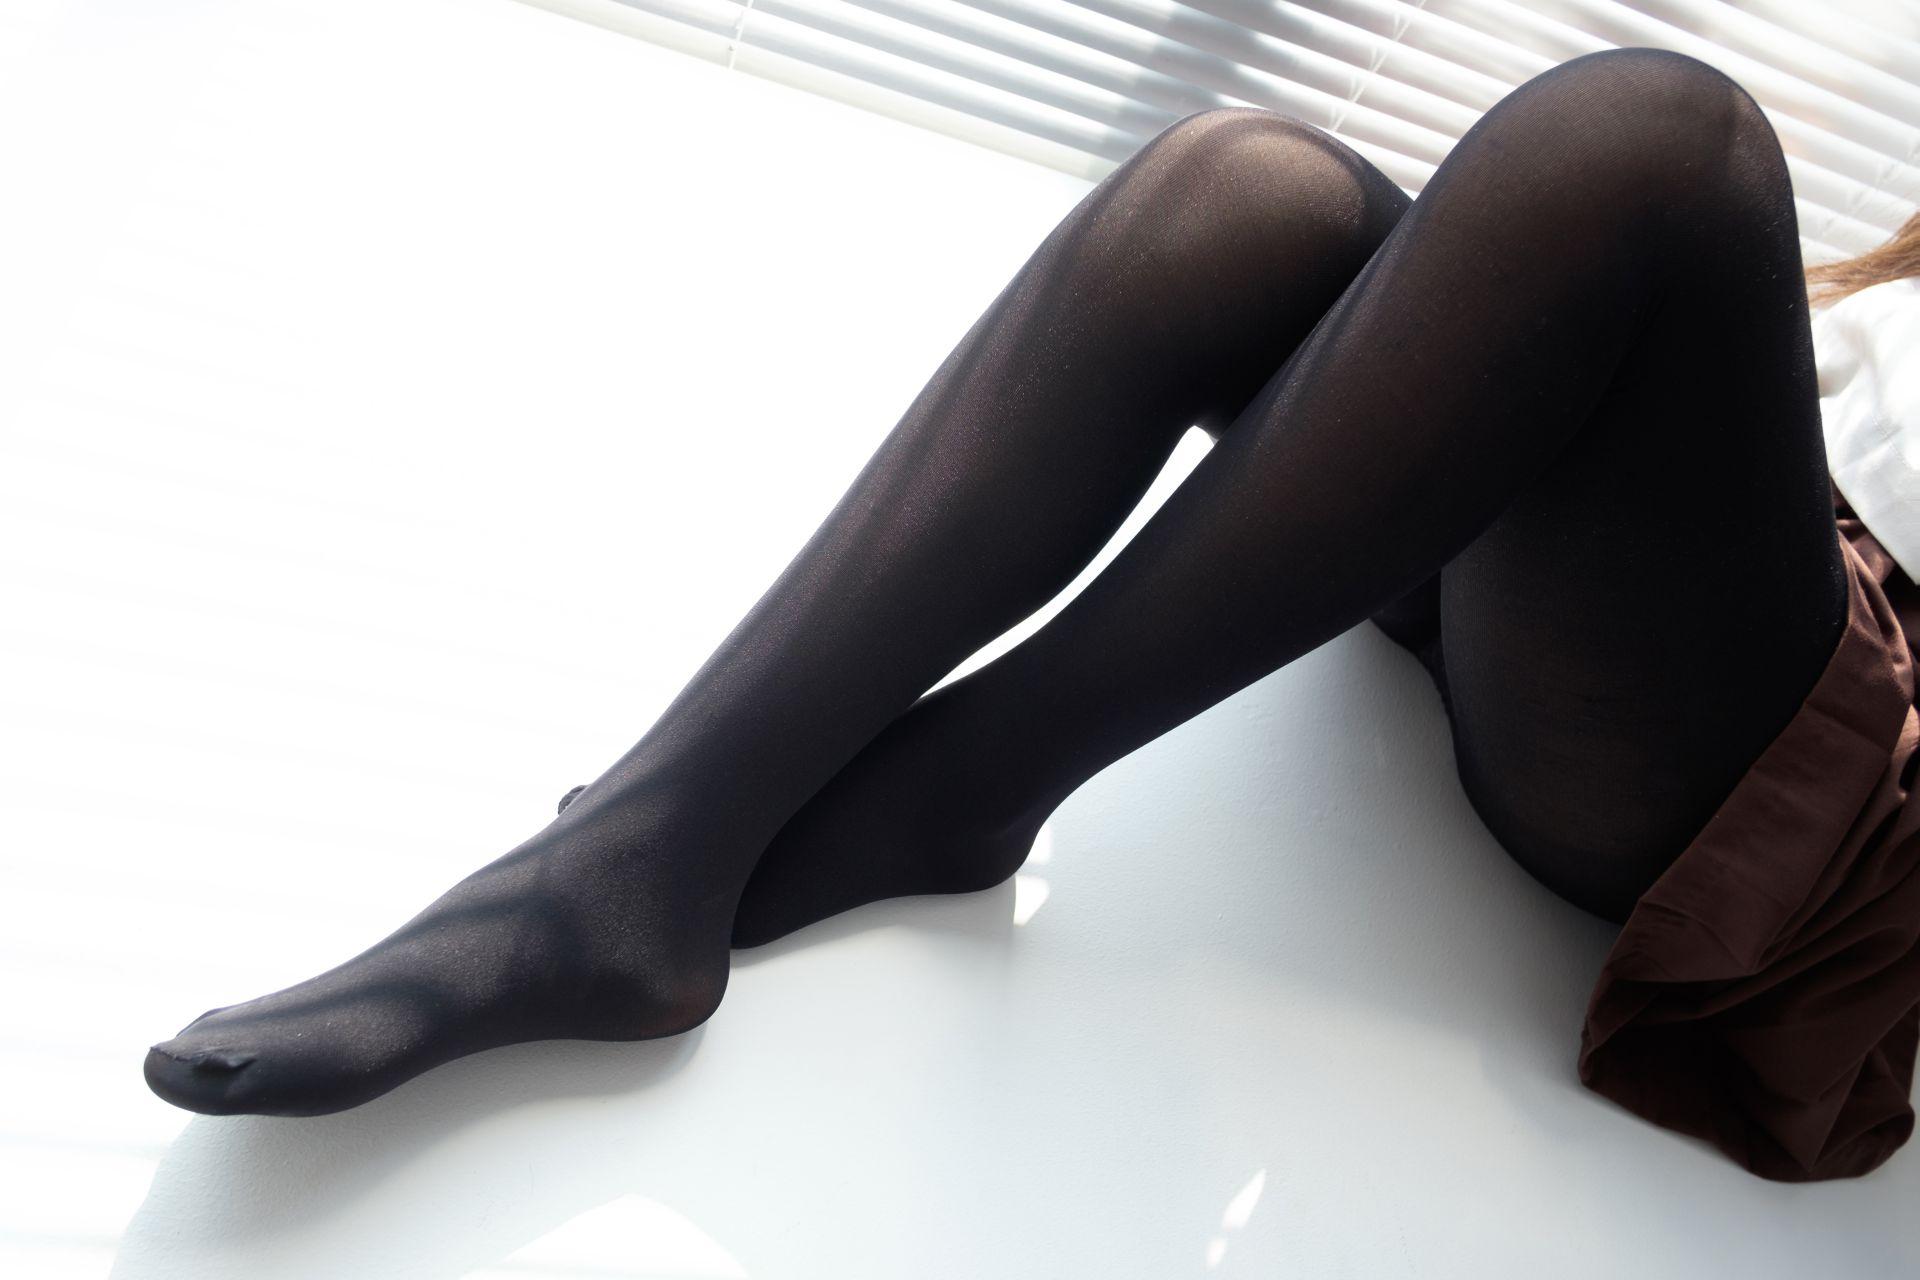 【森萝财团】森萝财团写真 - BETA-011 JK黑丝美足 [68P-303MB] BETA系列 第3张